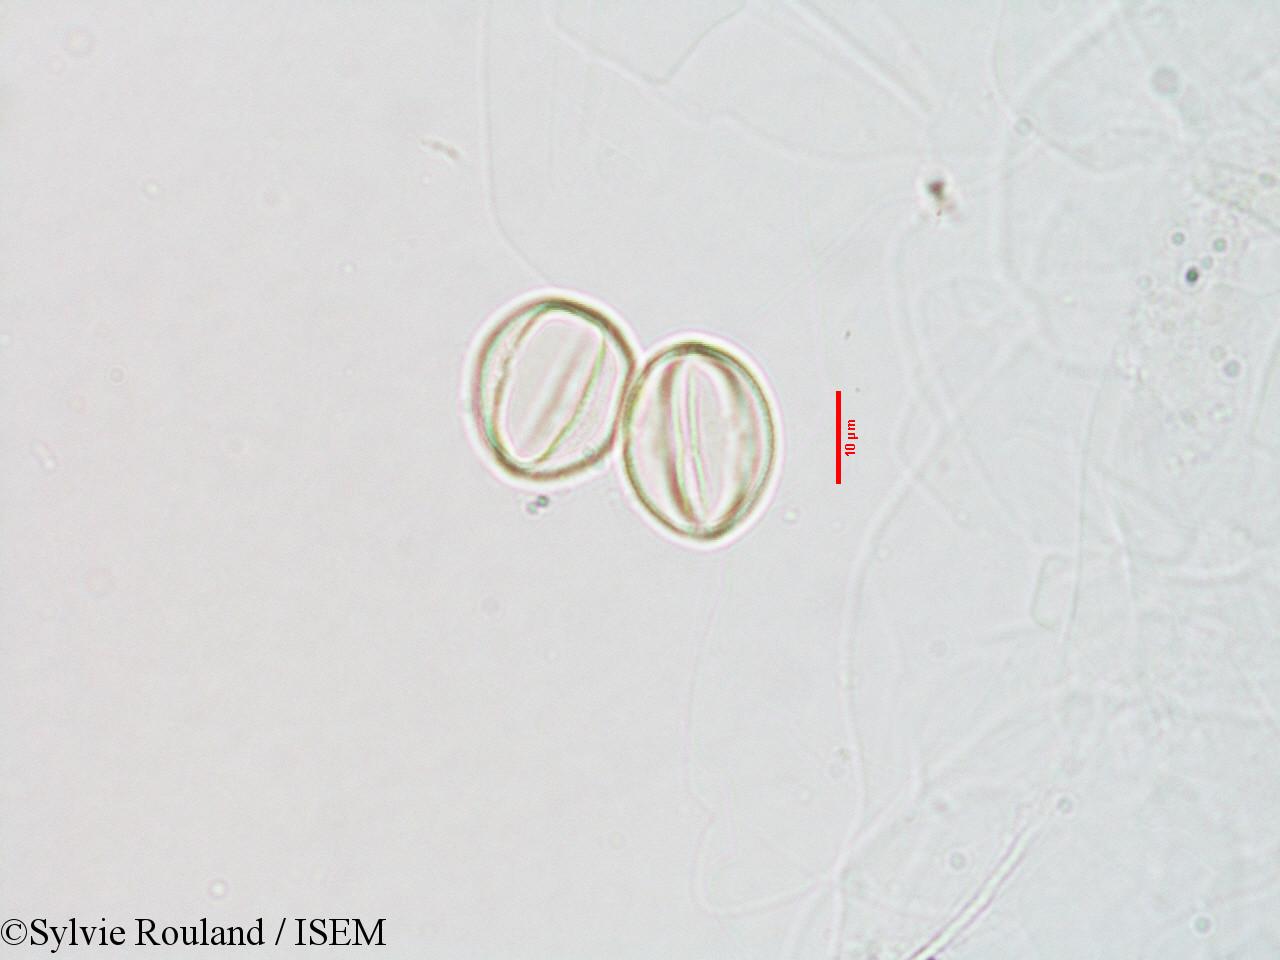 Sylvie.Rouland/Streptocarpus_paniculatus_3070/Streptocarpus_paniculatus_3070_0005(copy).jpg